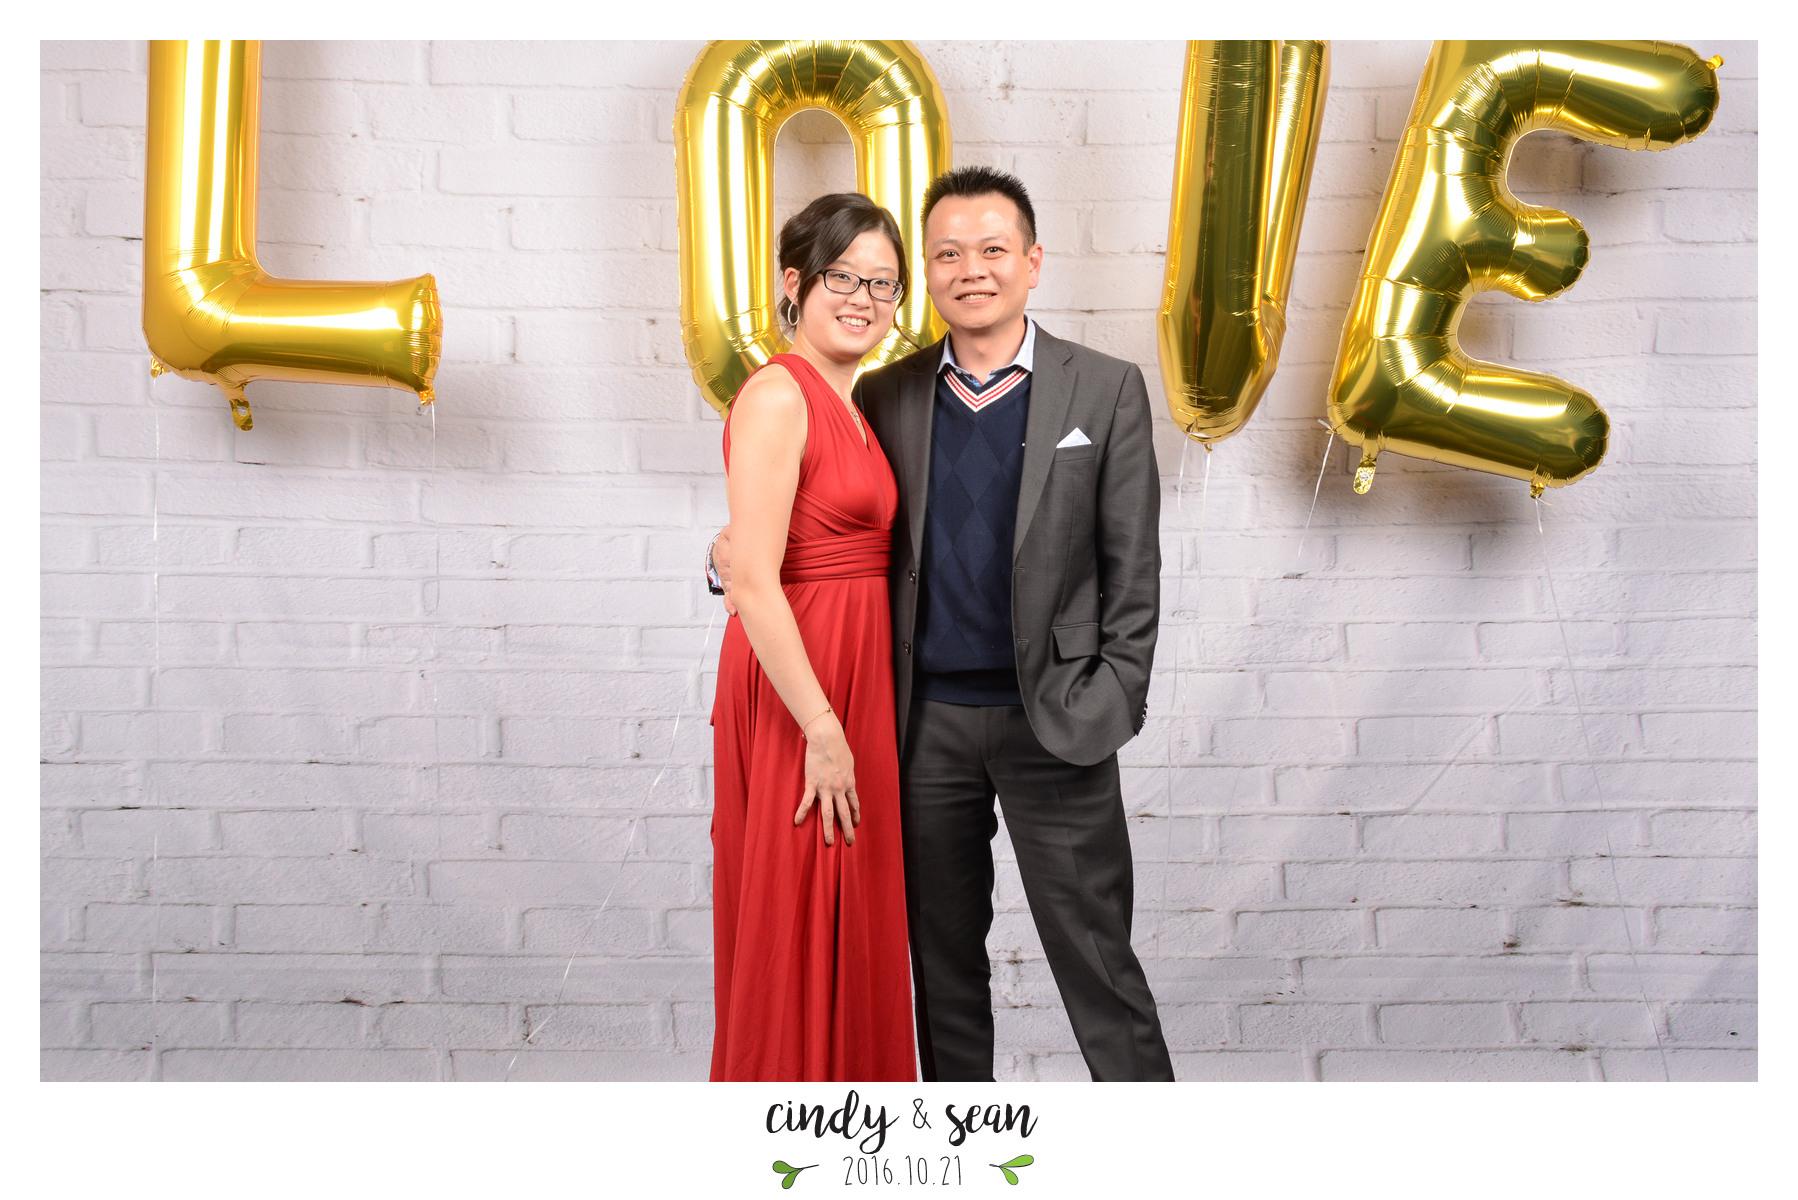 Cindy Sean Bae - 0001-5.jpg